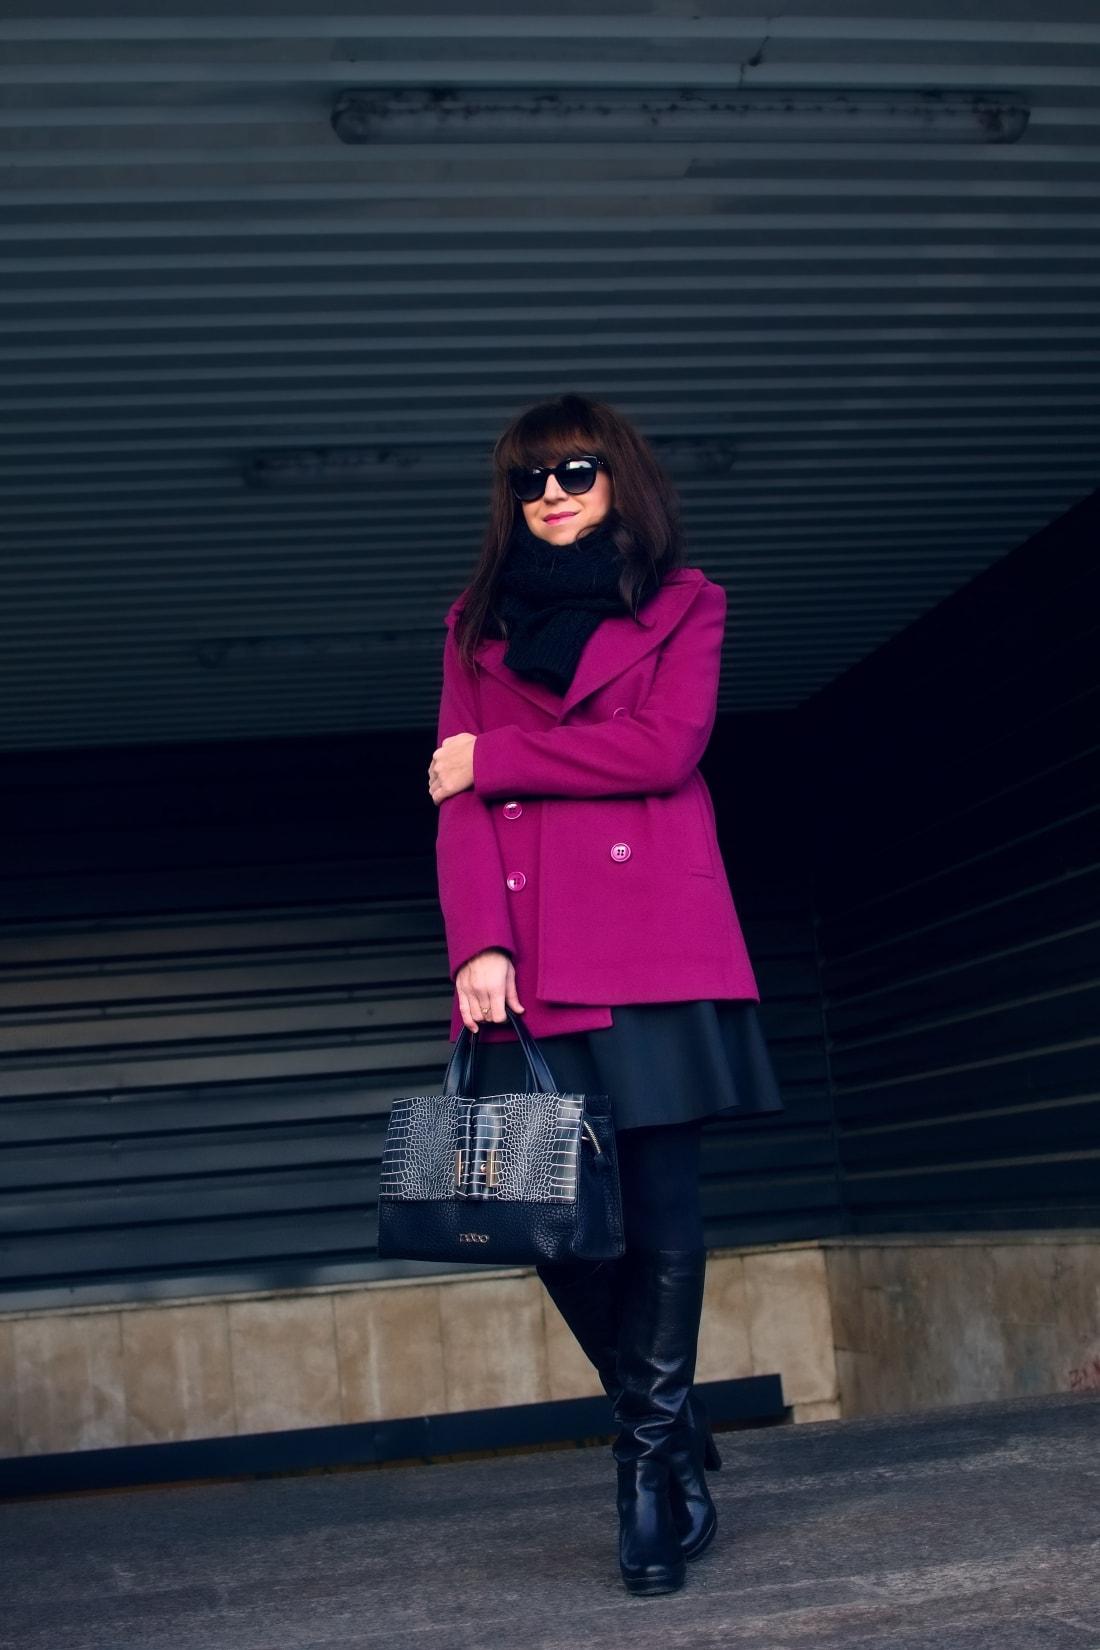 MISTEROPTIC INTERVIEW_Katharine-fashion is beautiful_blog 8_Slnečné okuliare Dolce&Gabbana_Fialový kabát_Black and white_Katarína Jakubčová_Fashion blogger